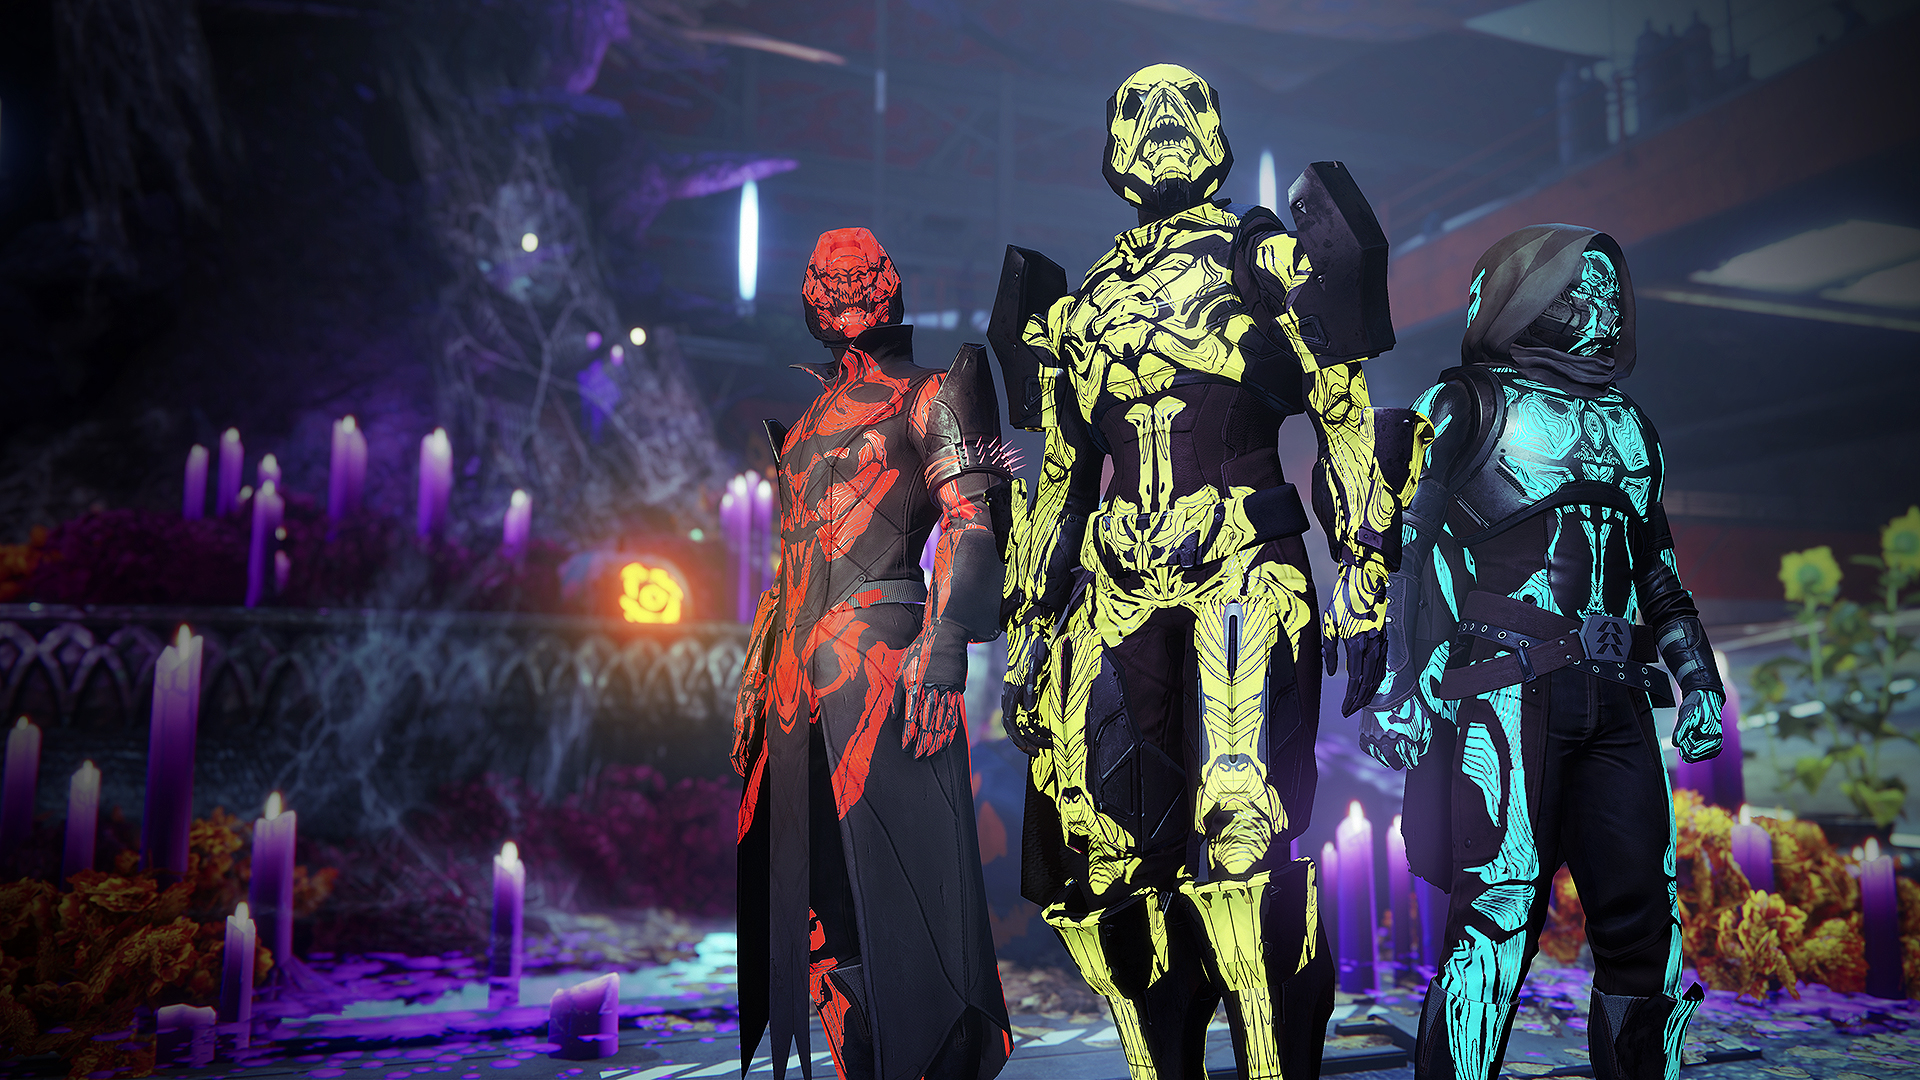 """Что будет в """"Фестивале Усопших"""" - Хэллоуин в Destiny 2"""